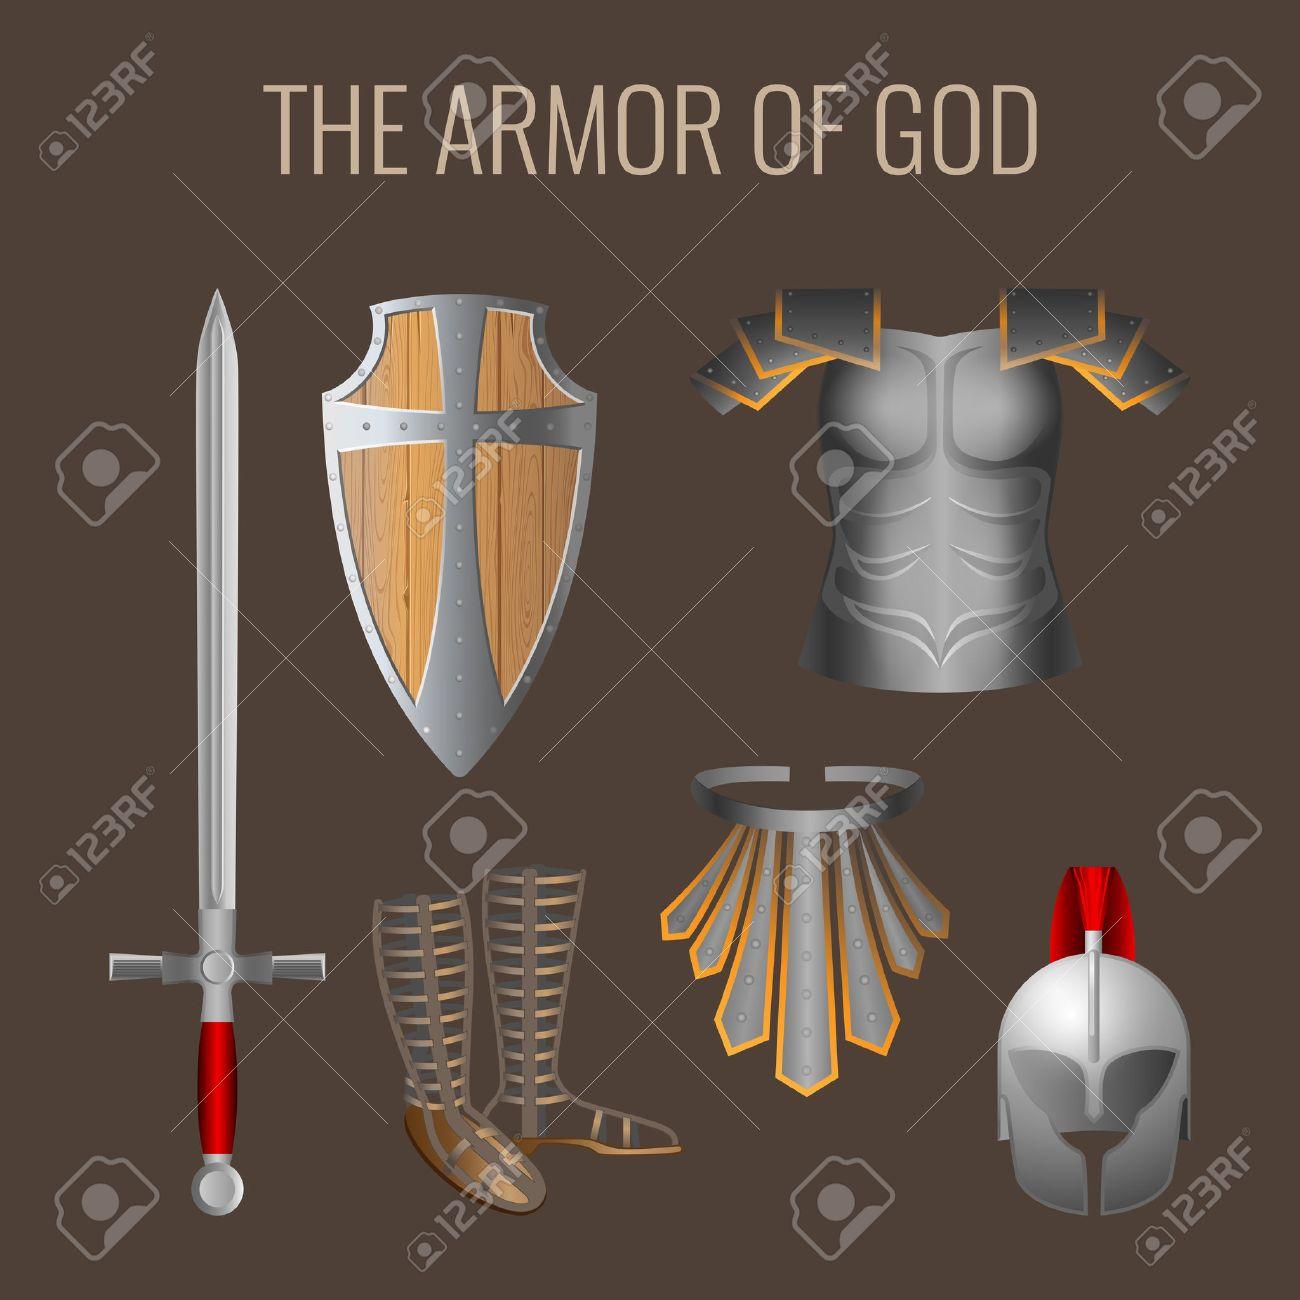 La Armadura De Dios Colección De Elementos Larga Espada Del